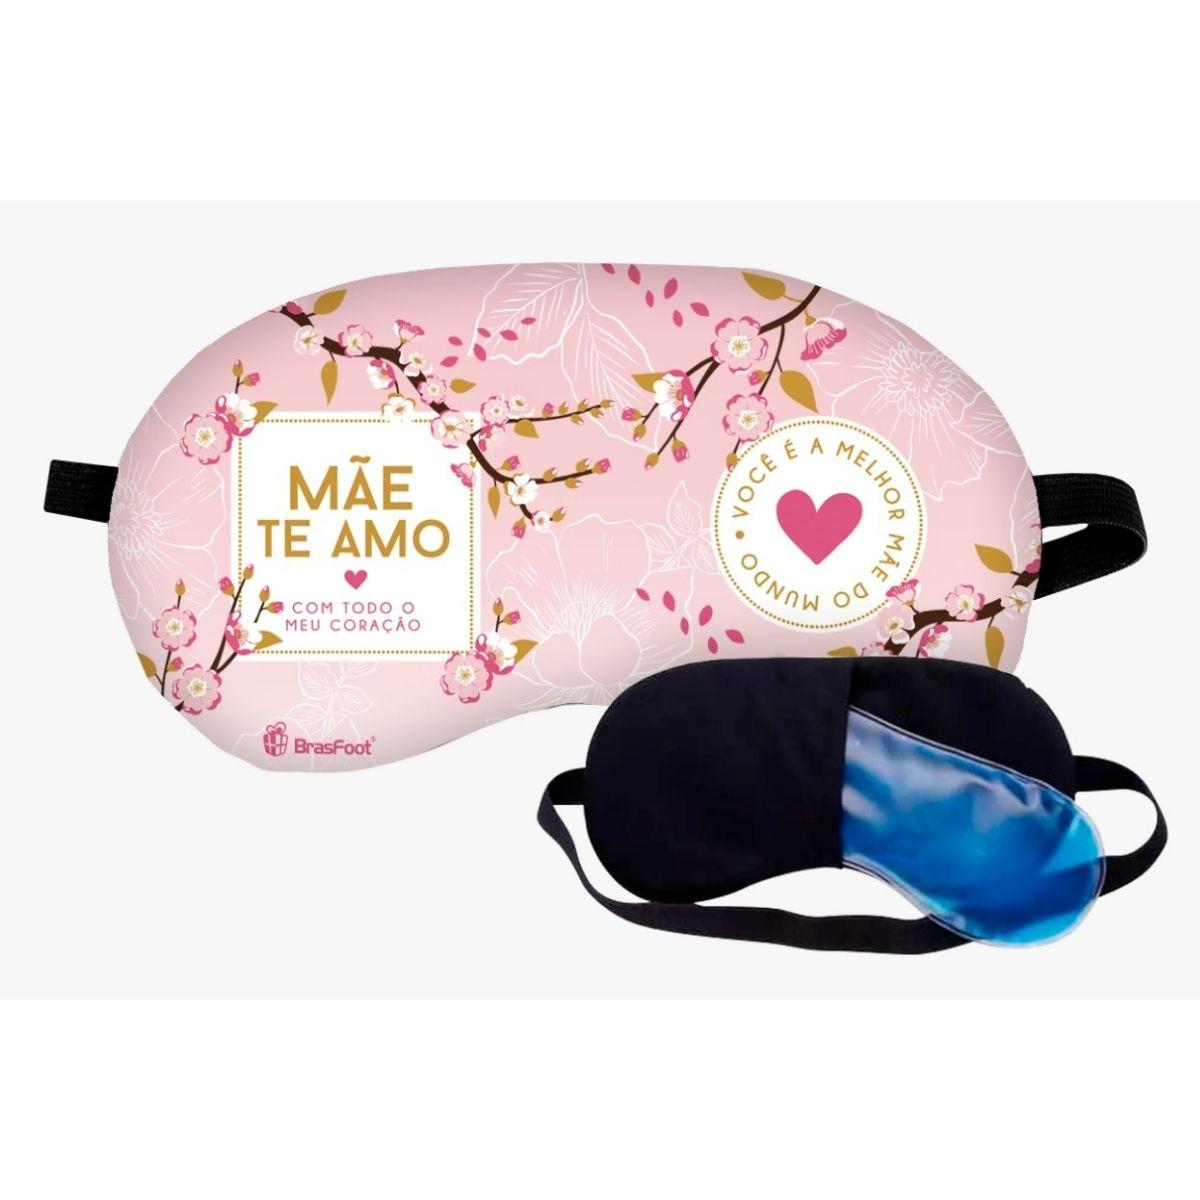 Mascara de Dormir Descanso Para Os Olhos Mãe Te Amo de Coração Presente Brasfoot